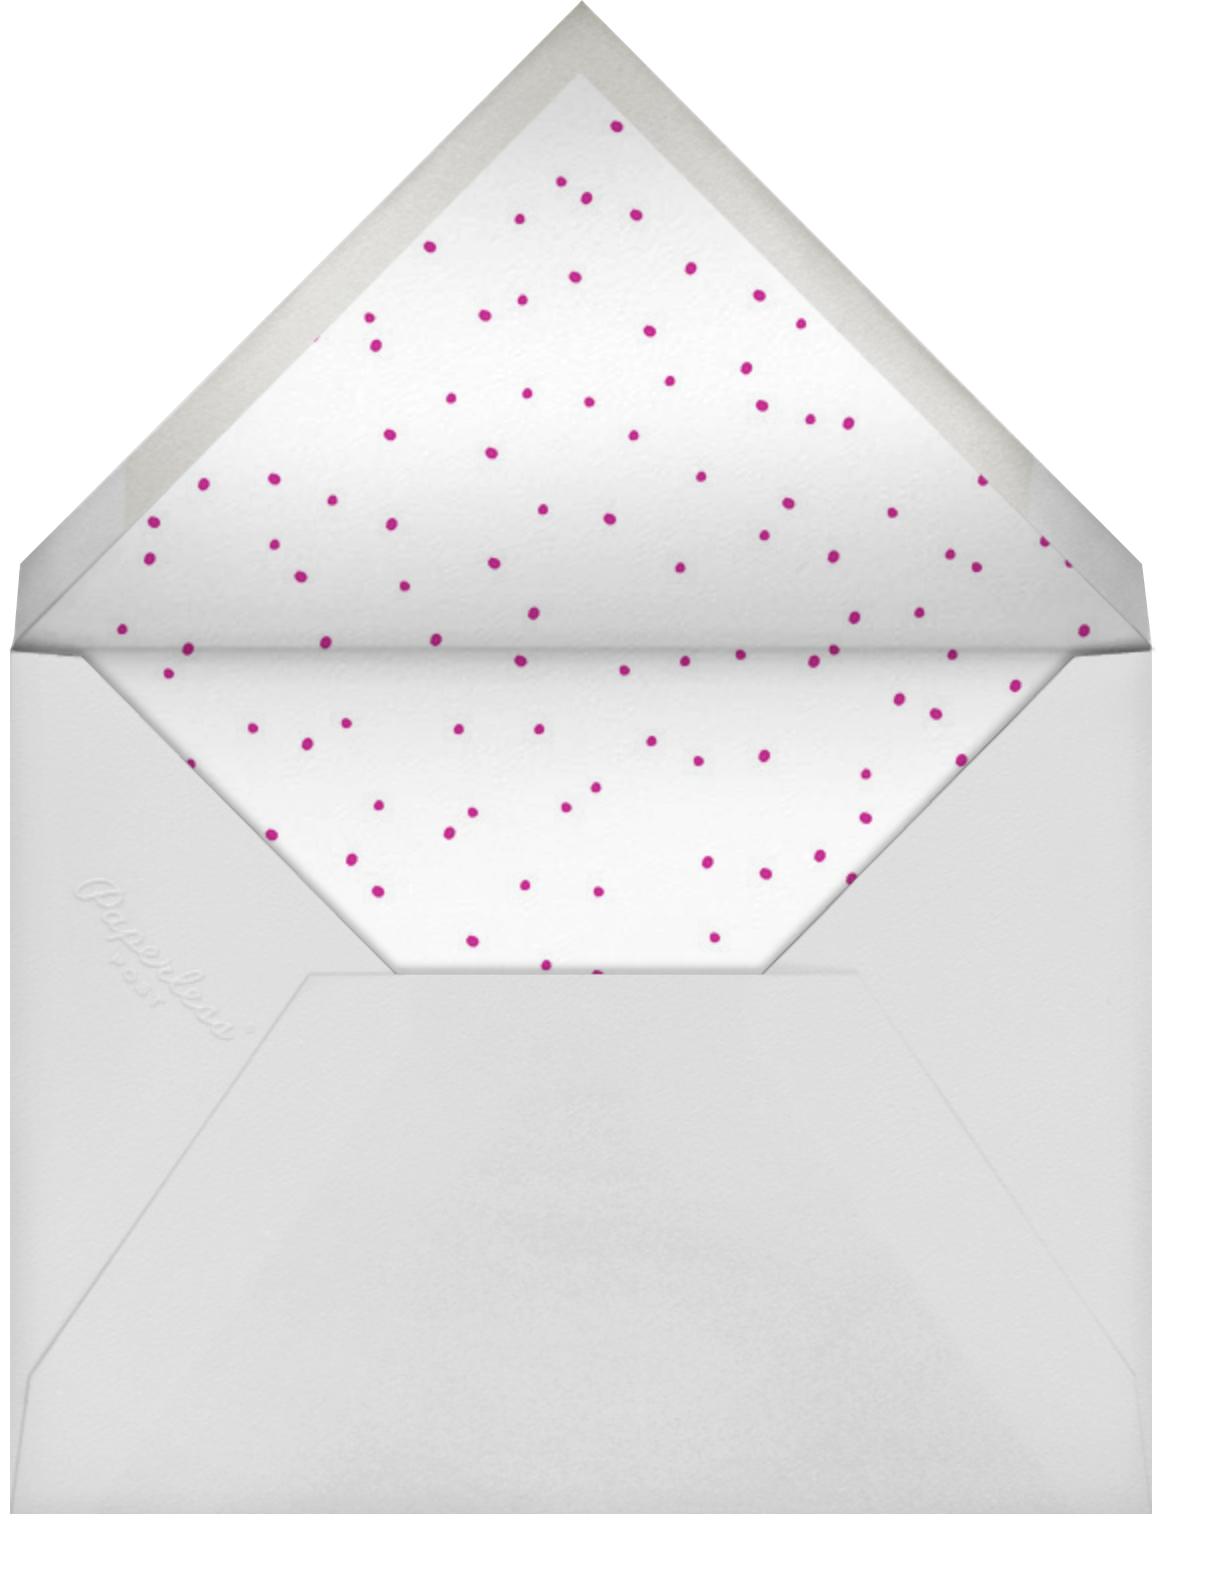 Brilliant Girl - Fuschia - Linda and Harriett - Baby shower - envelope back